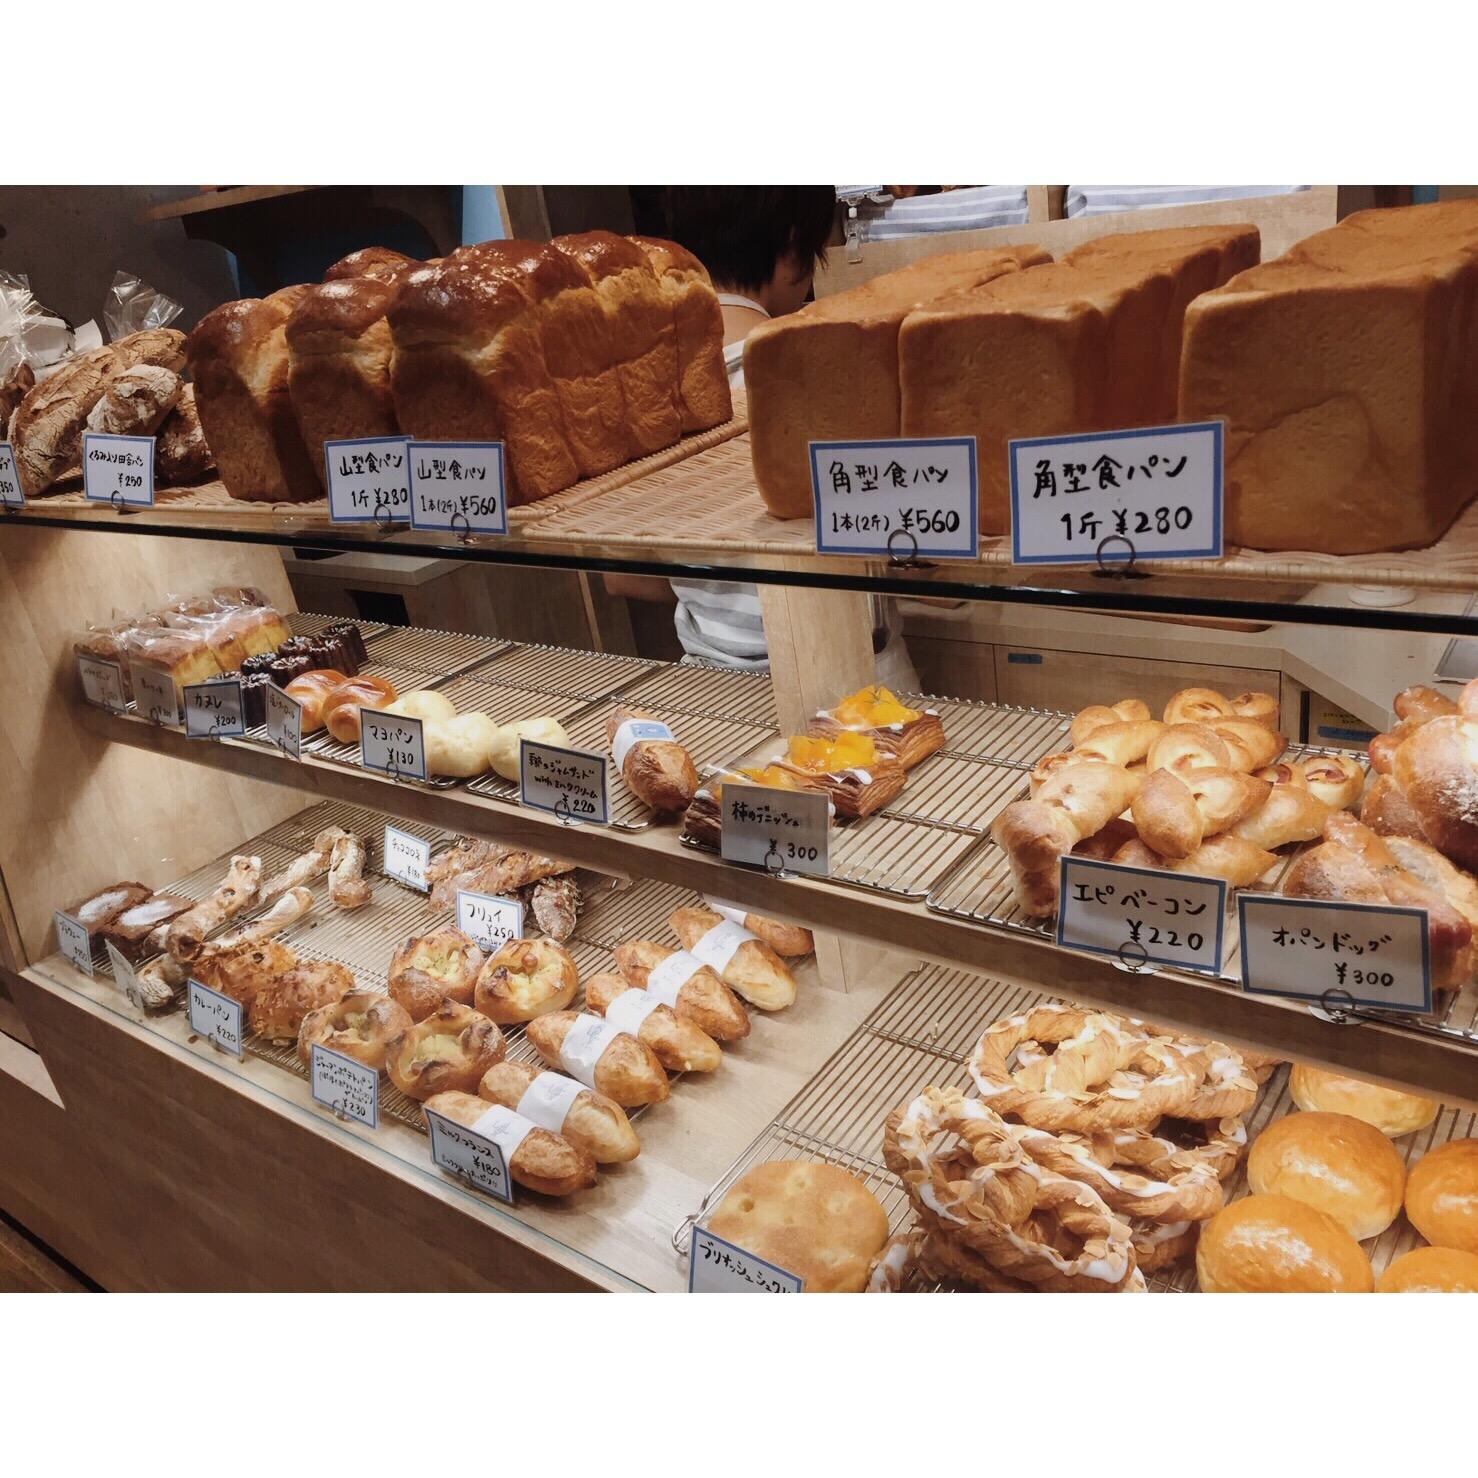 本日のパン棚(2016.10.20)   OPAN オパン 東京 笹塚のパン屋